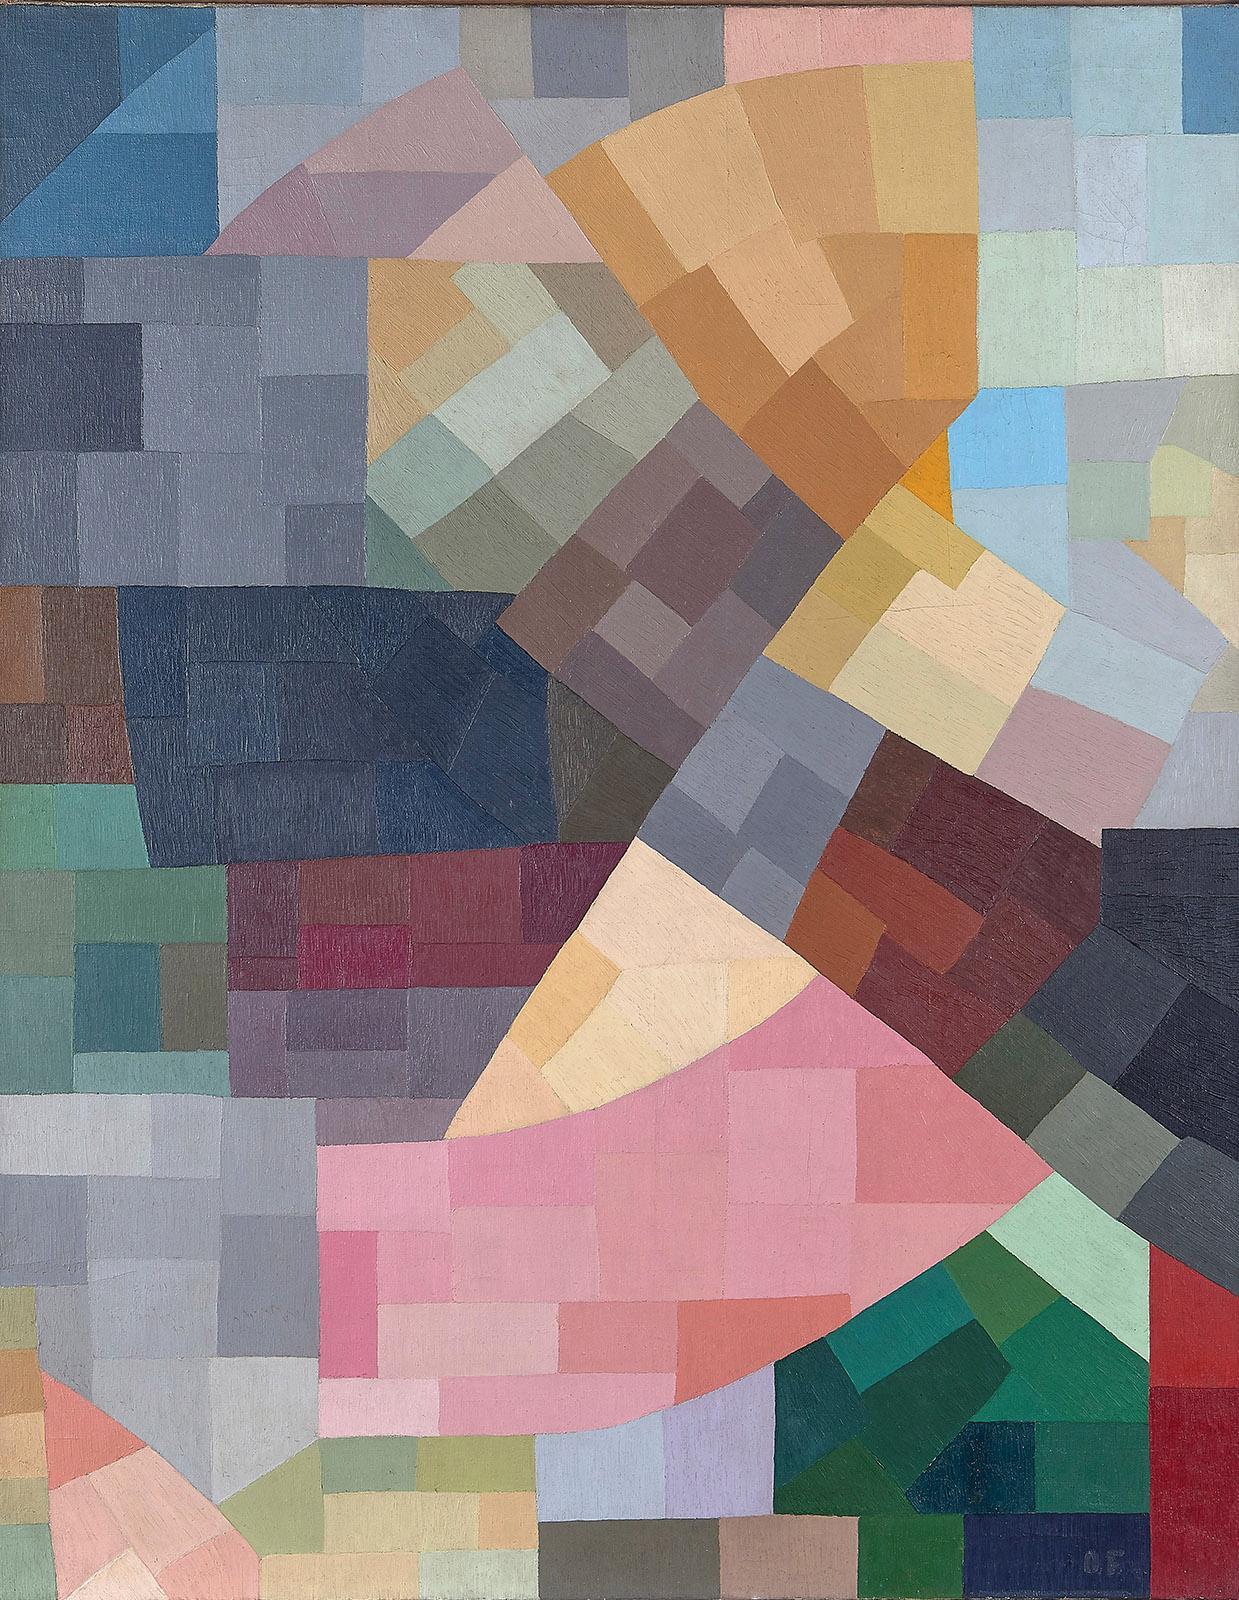 Otto Freundlich, Composition, 1931 Öl auf Leinwand, 146 x 114 cm Musée de Pontoise, Donation Freundlich © Musée de Pontoise